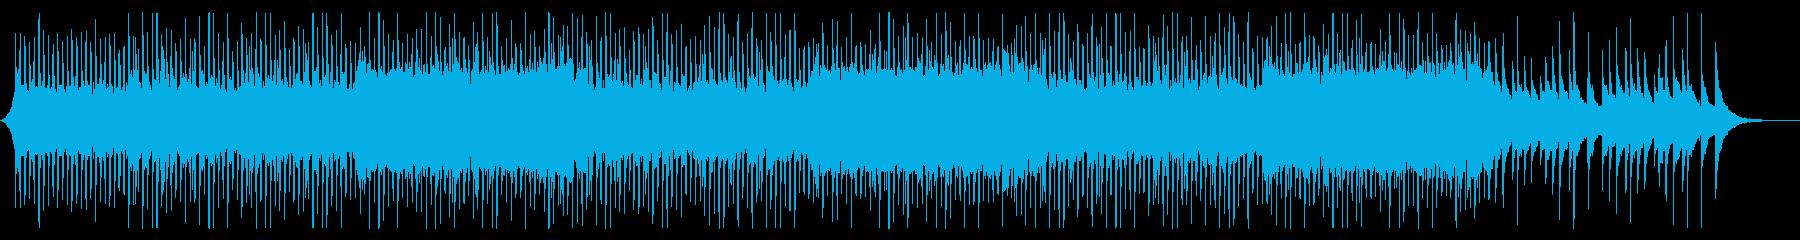 企業VPやCMに 希望の光 ピアノ・弦の再生済みの波形